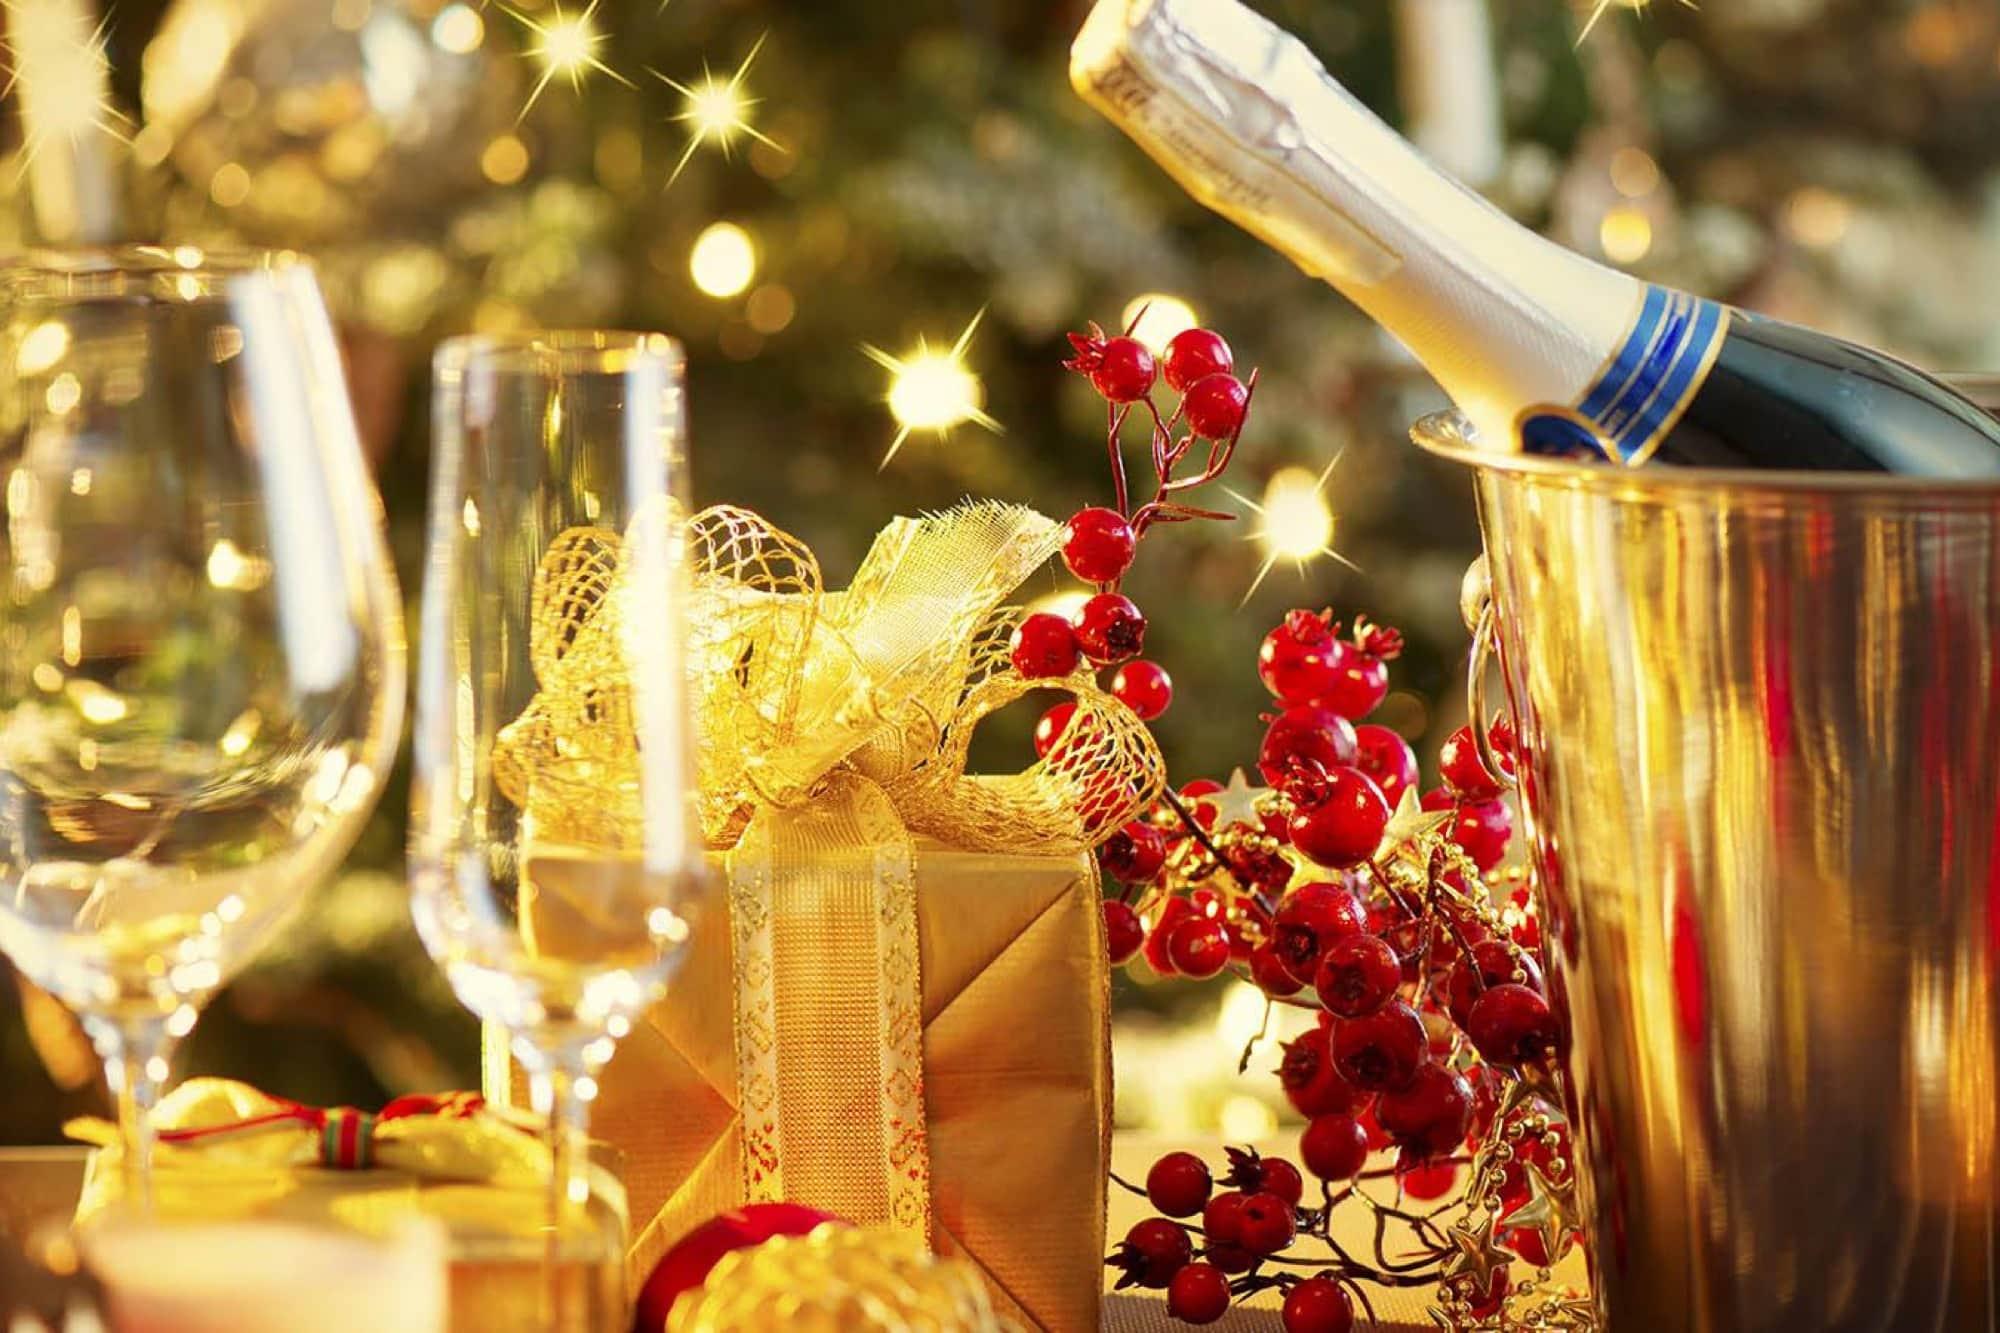 Уикенд в Будапеште, рождественские базары!